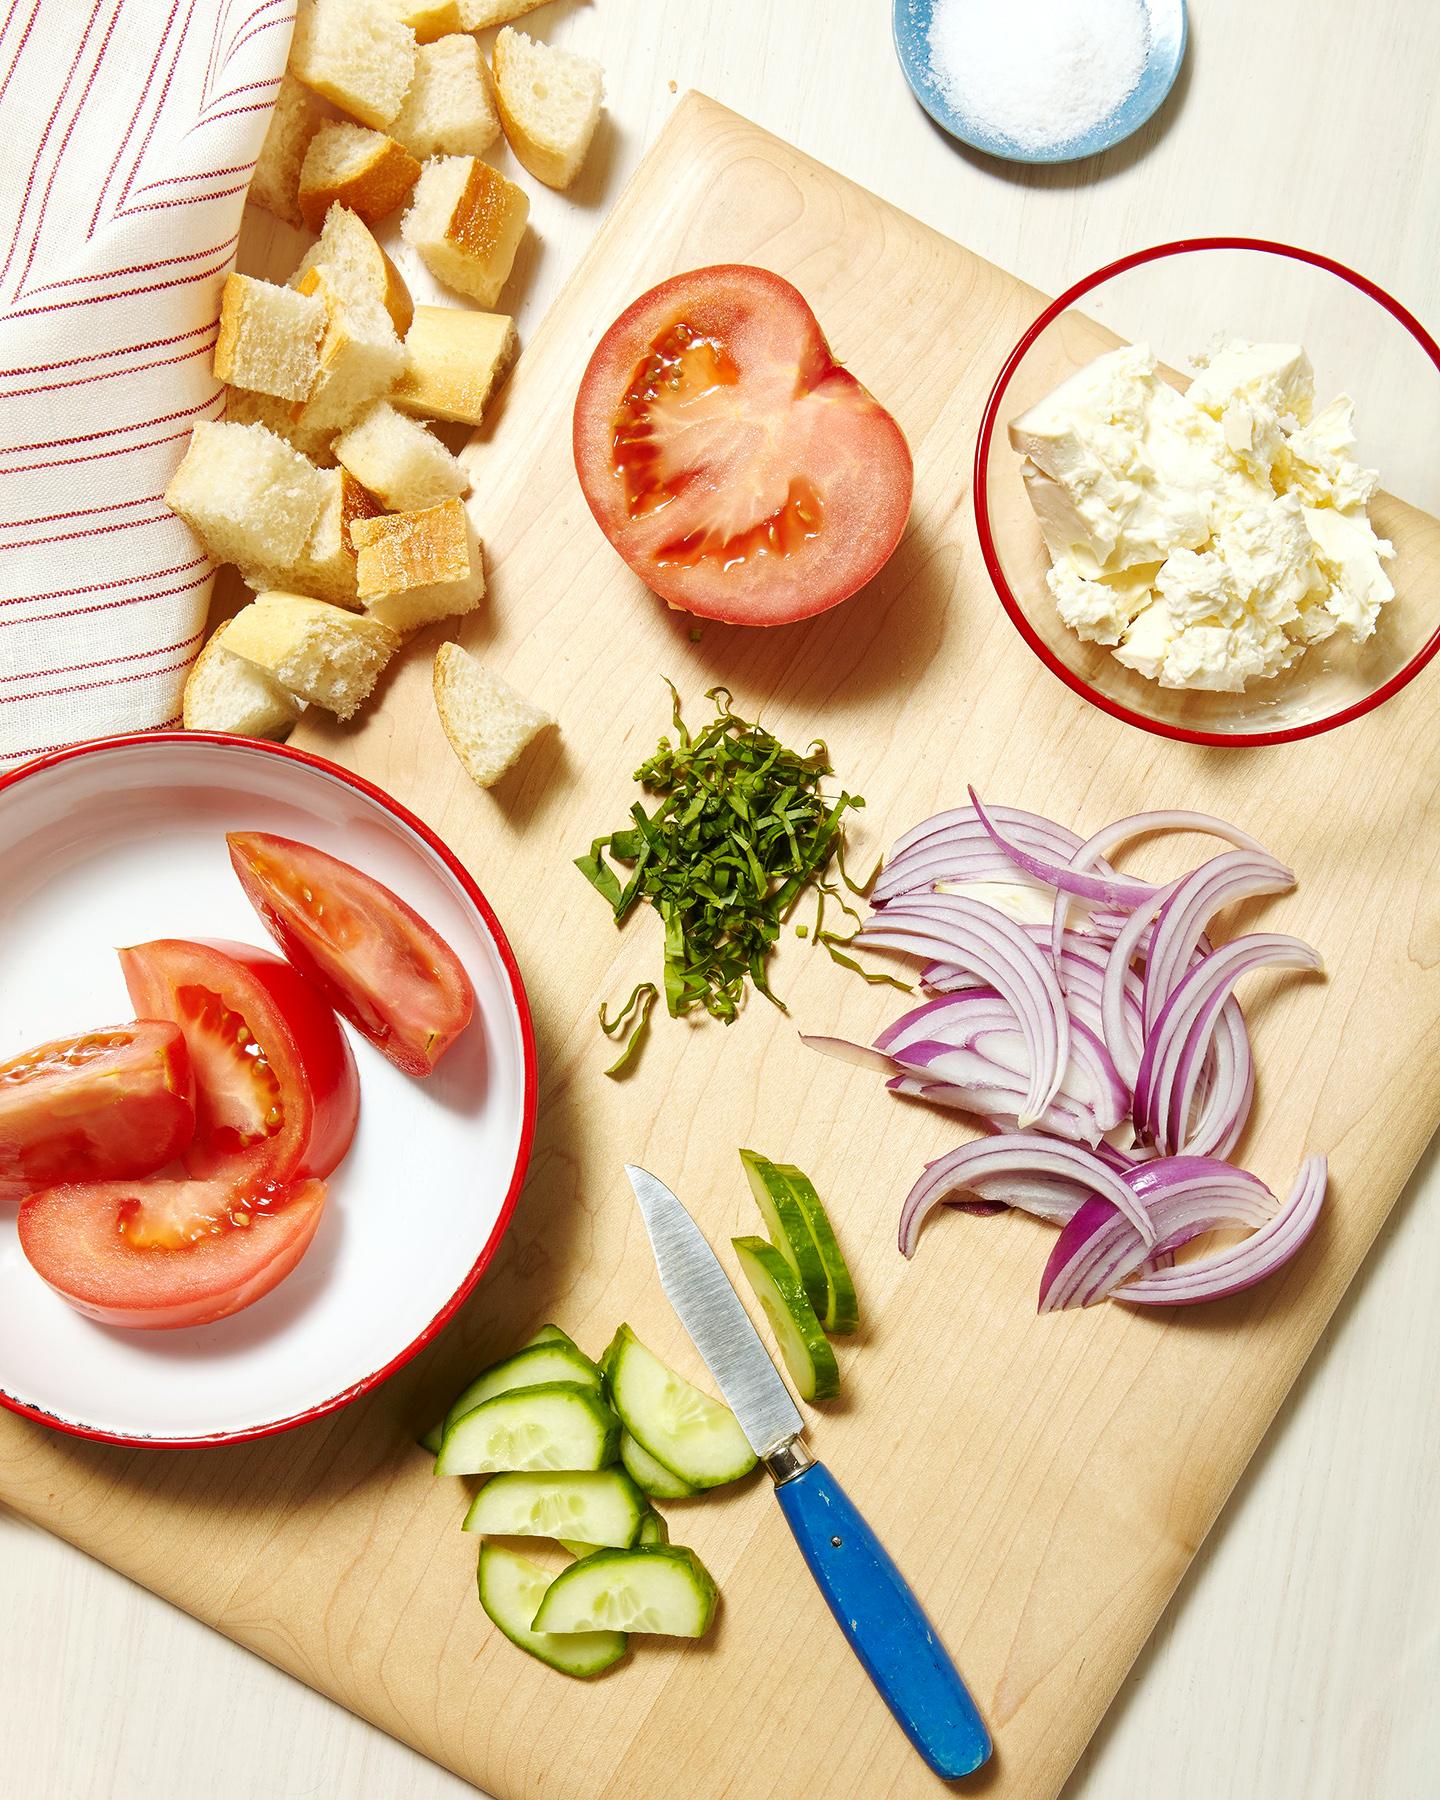 ingredients, bread crumbs, tomatoes, red onions, salt, sliced cucumbers